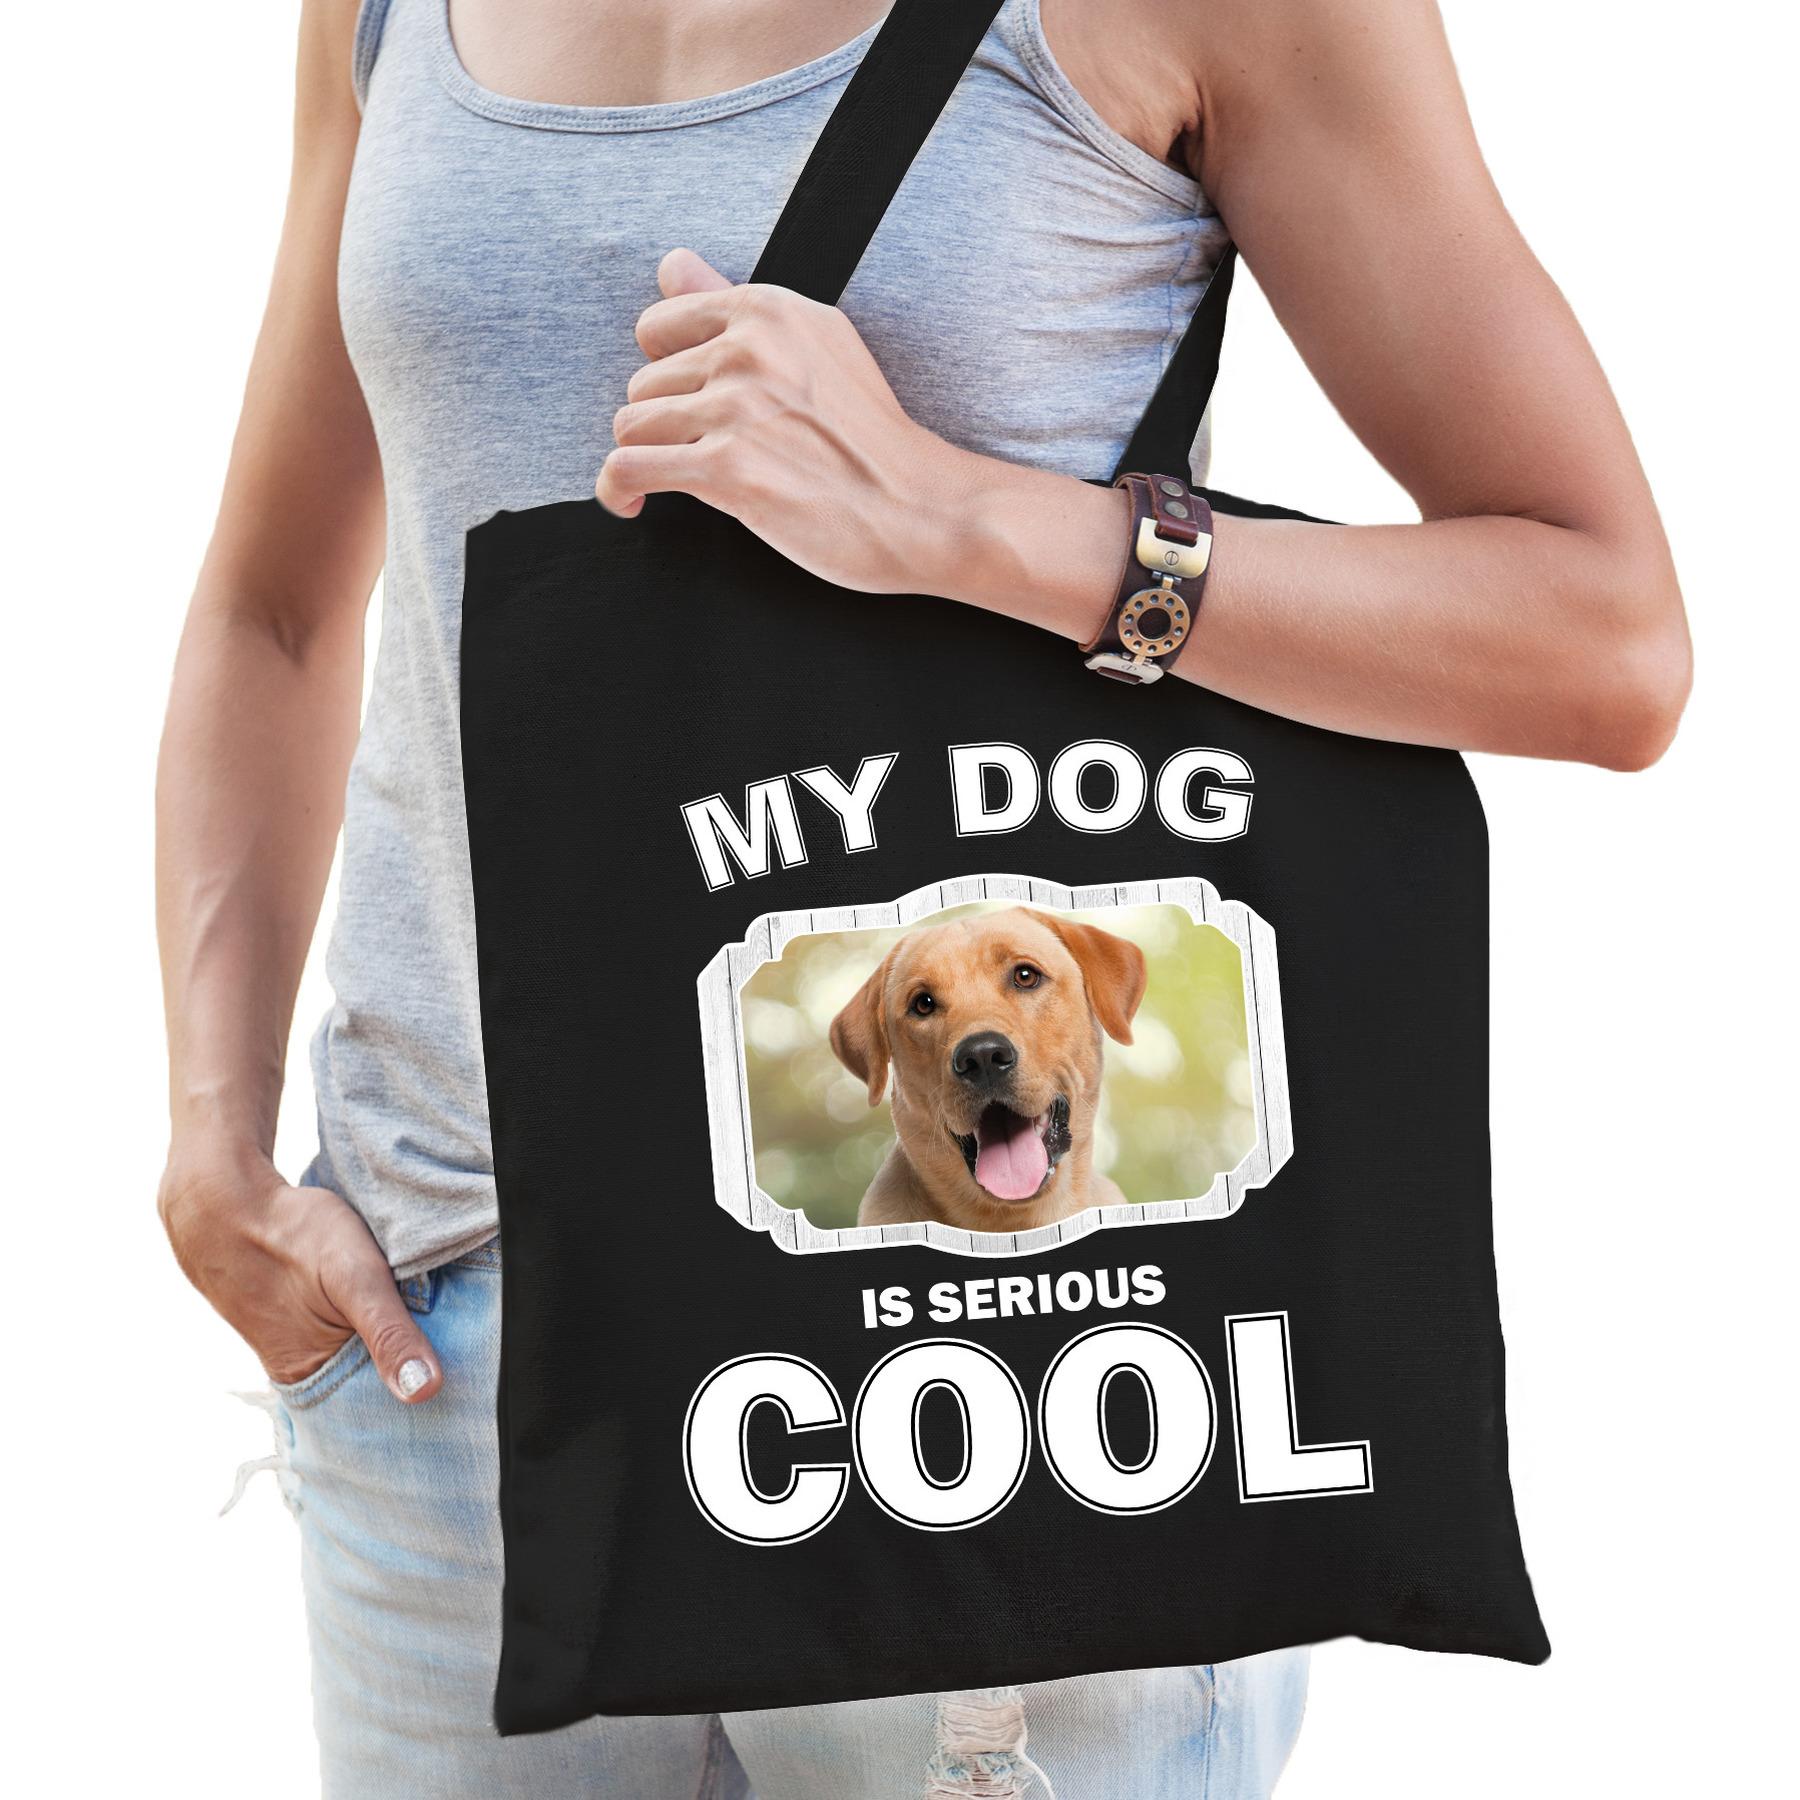 Katoenen tasje my dog is serious cool zwart - Labrador retriever honden cadeau tas